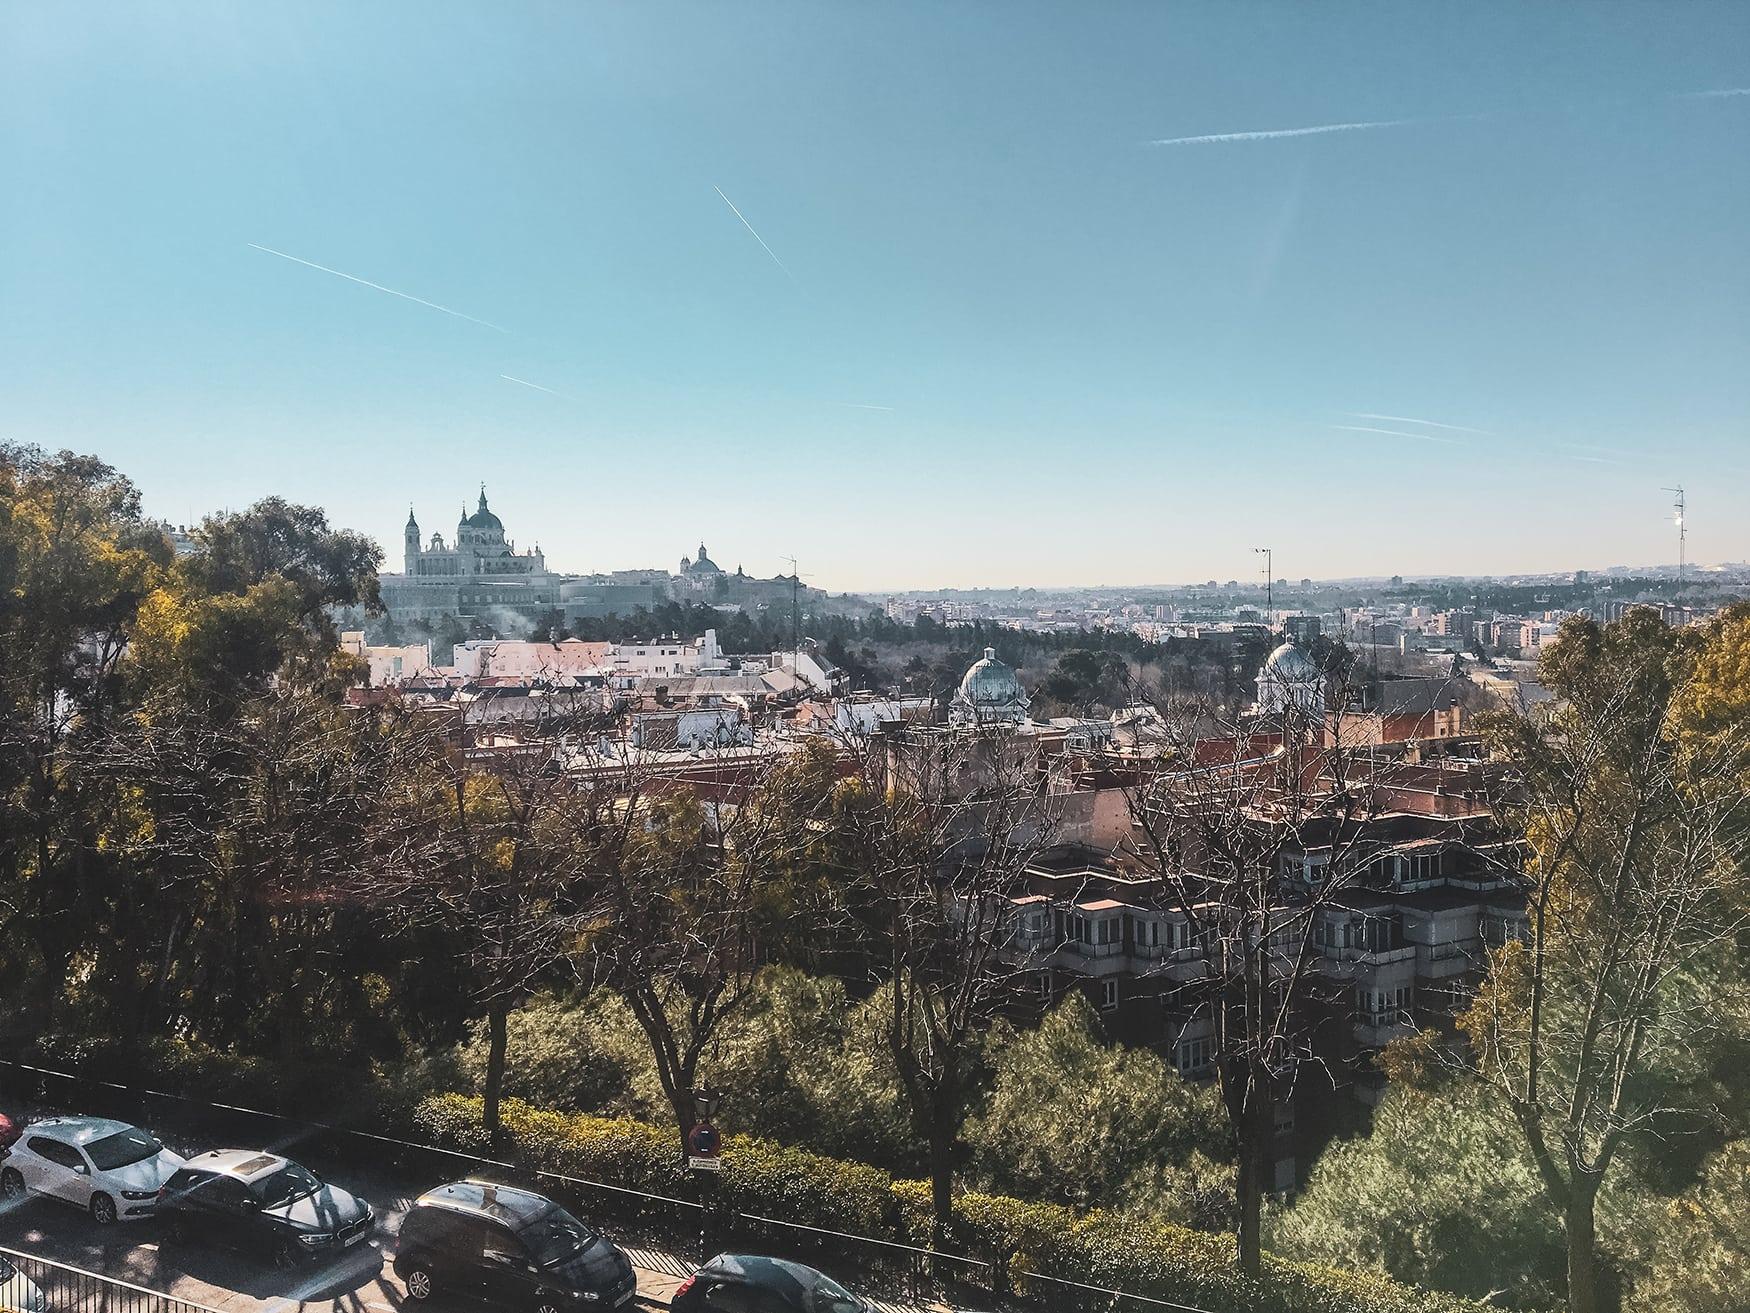 Blick auf den Königspalast in Madrid